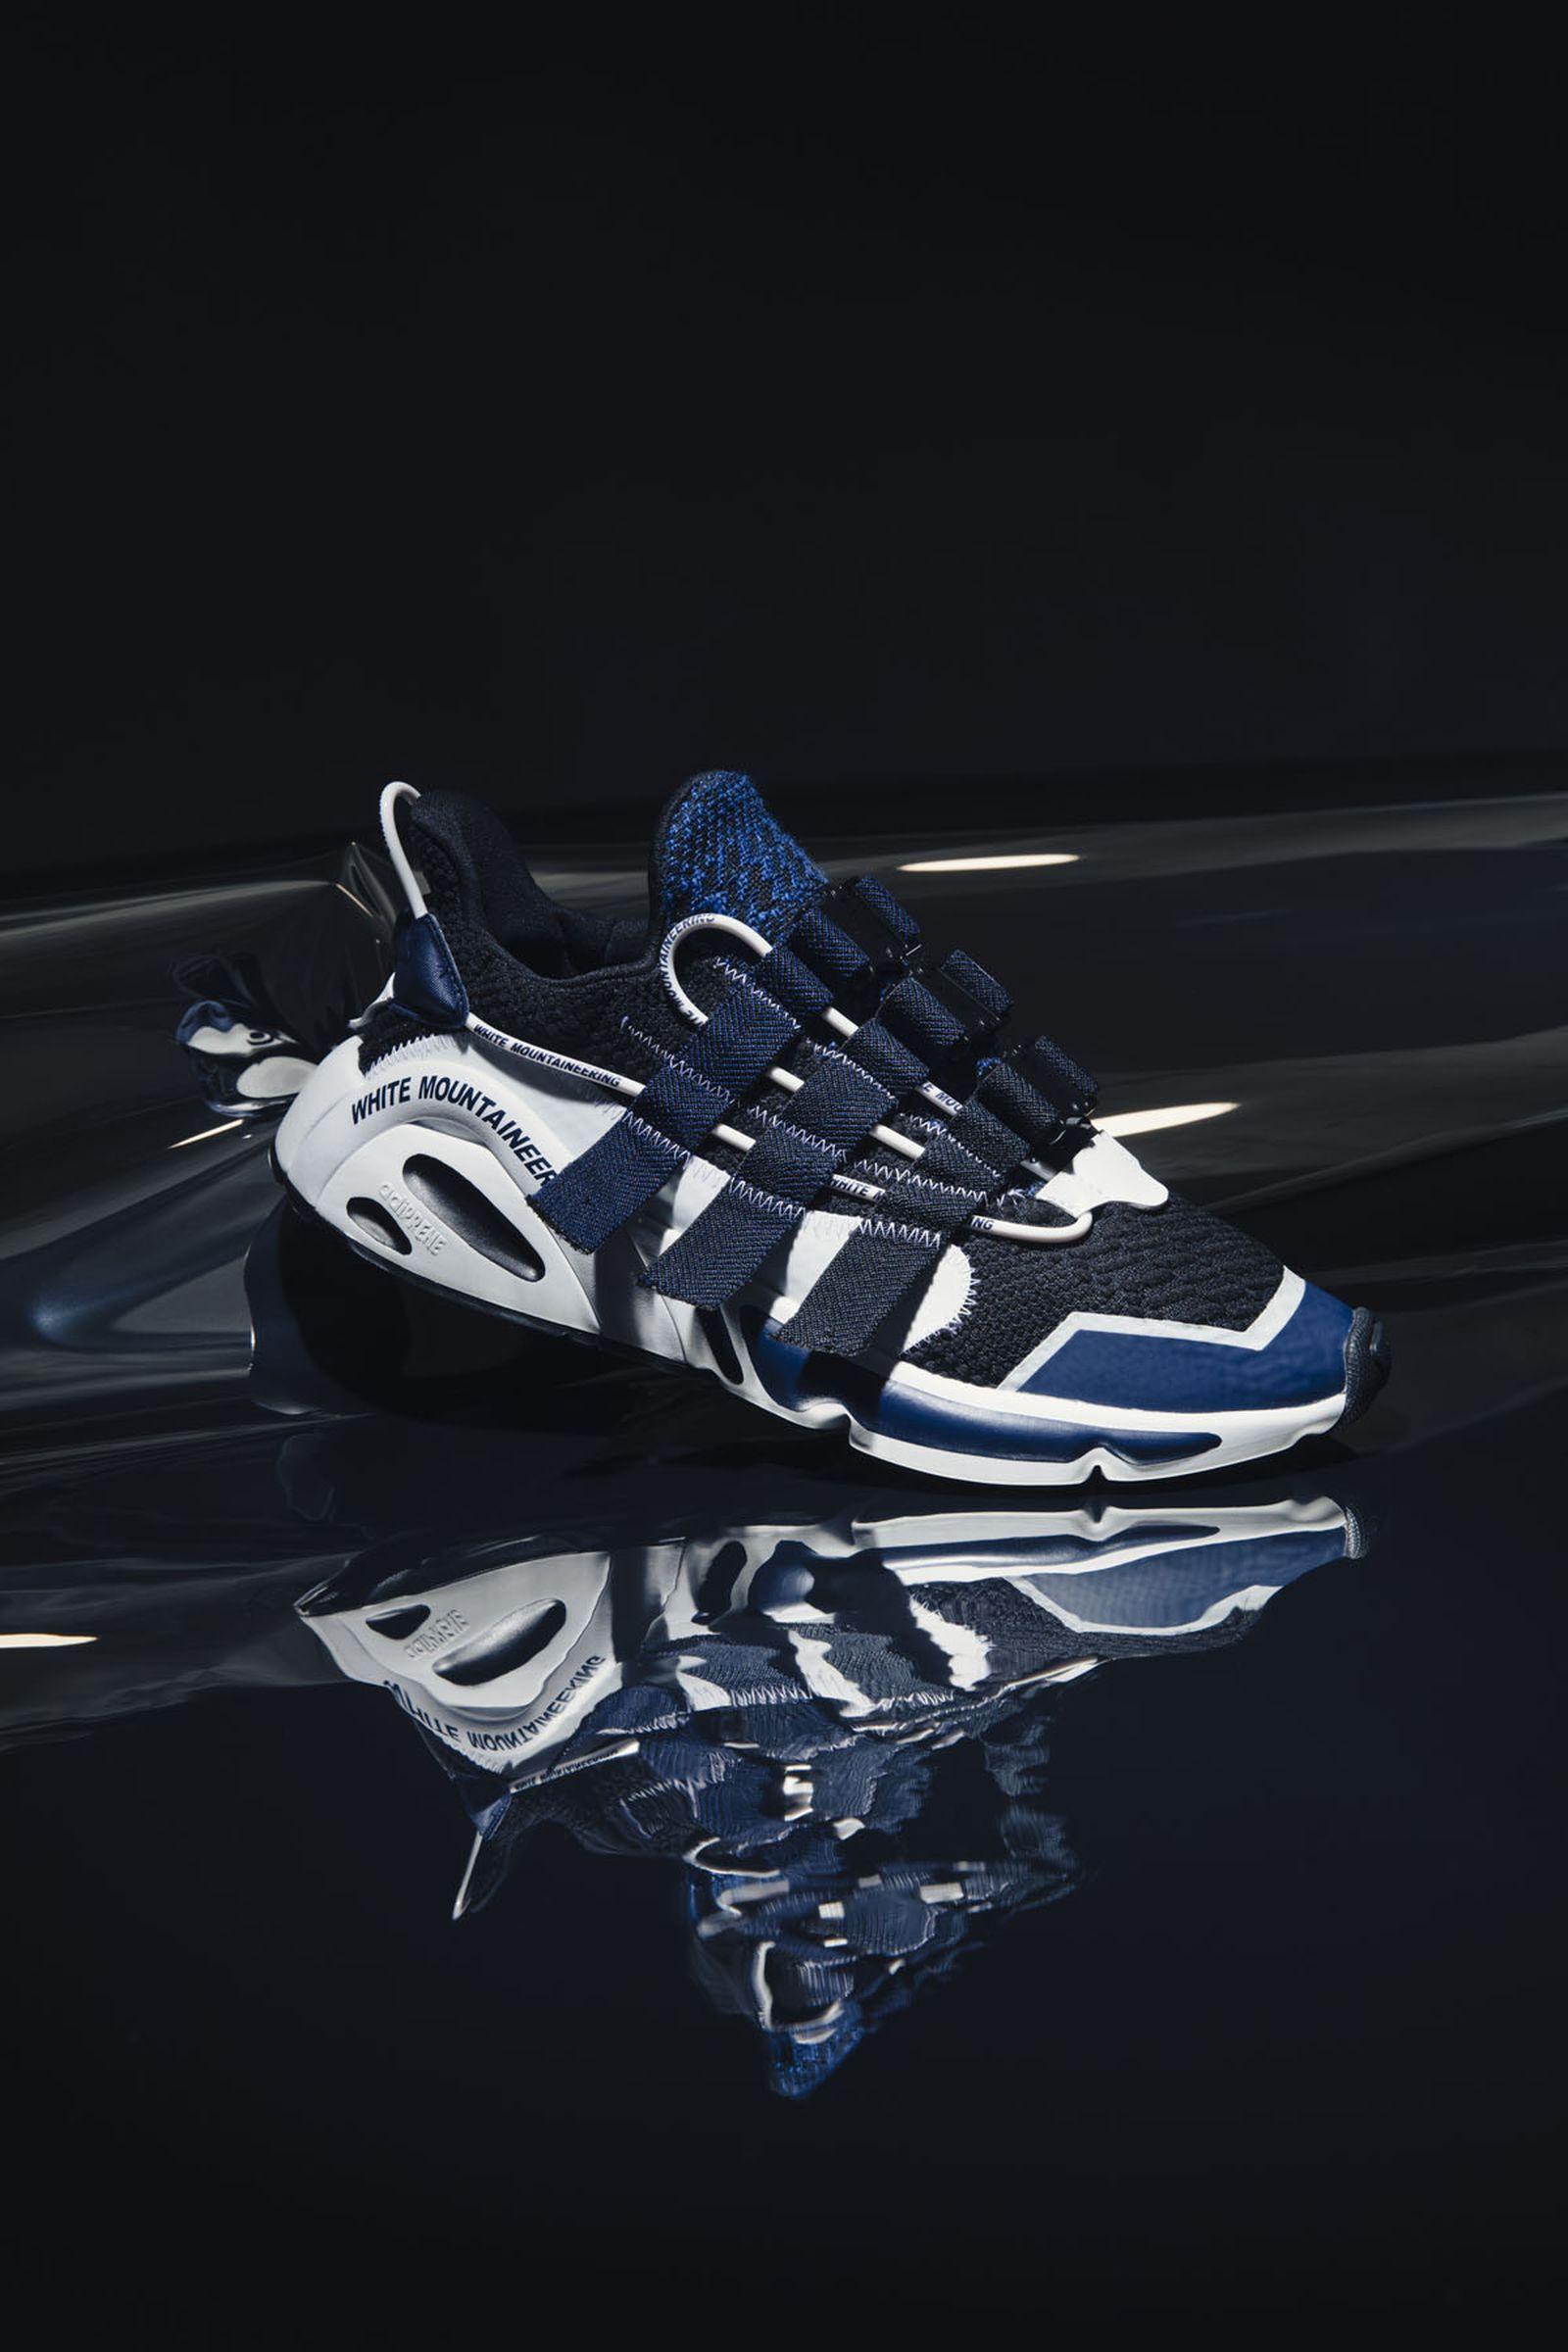 adidas-white-mountaineering-lxcon-05